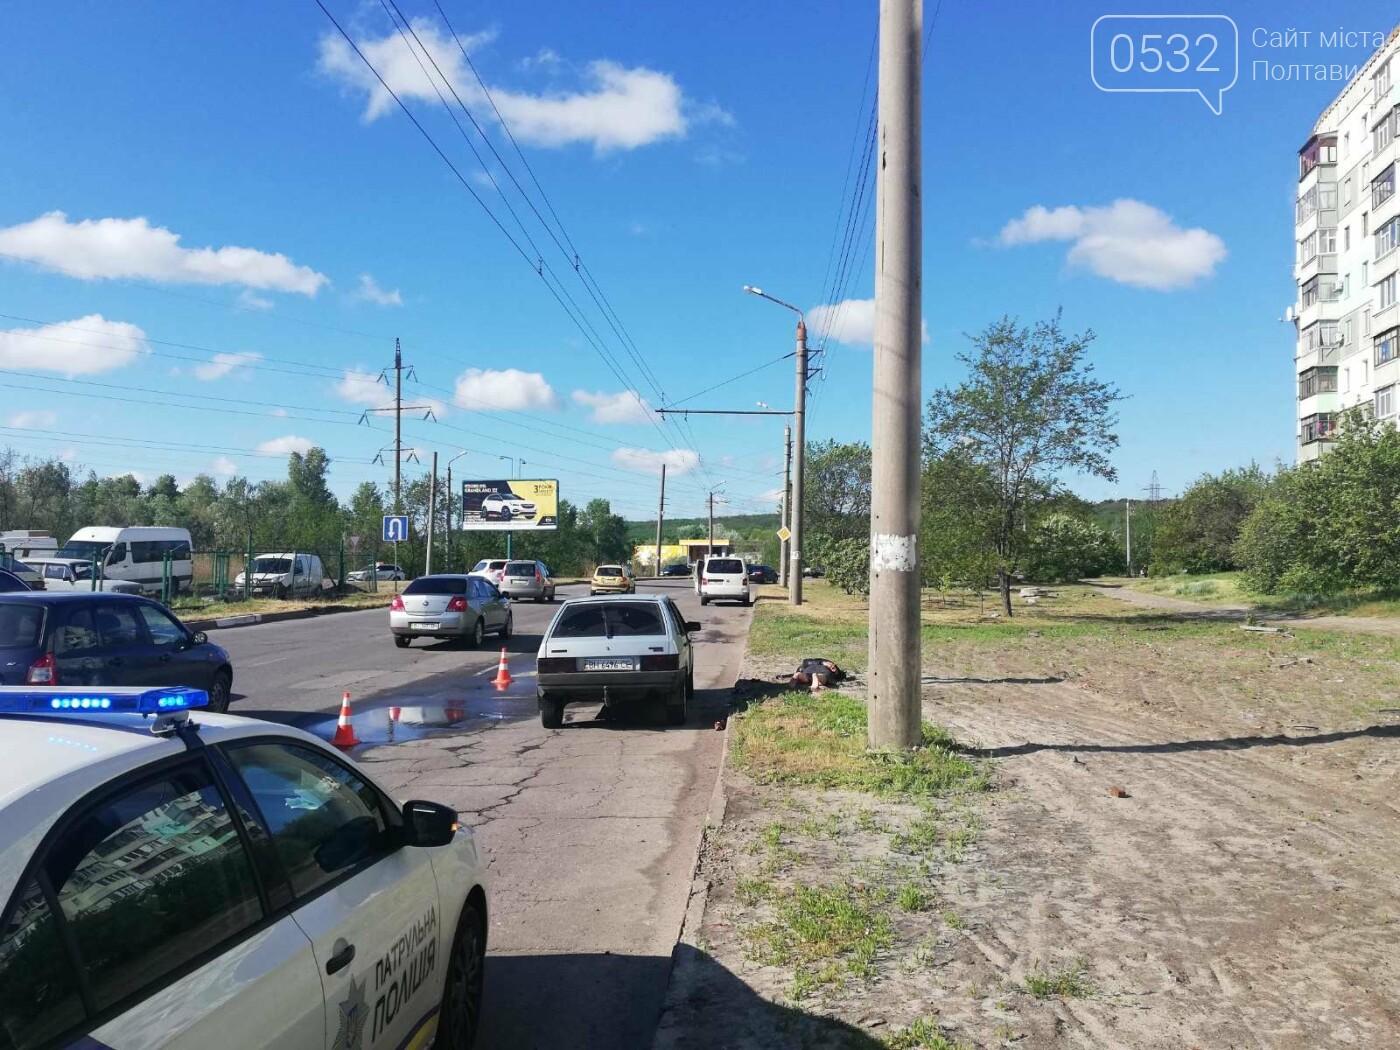 У Полтаві затримали водія-наркомана, який із ножем кидався на патрульних (ФОТО), фото-1